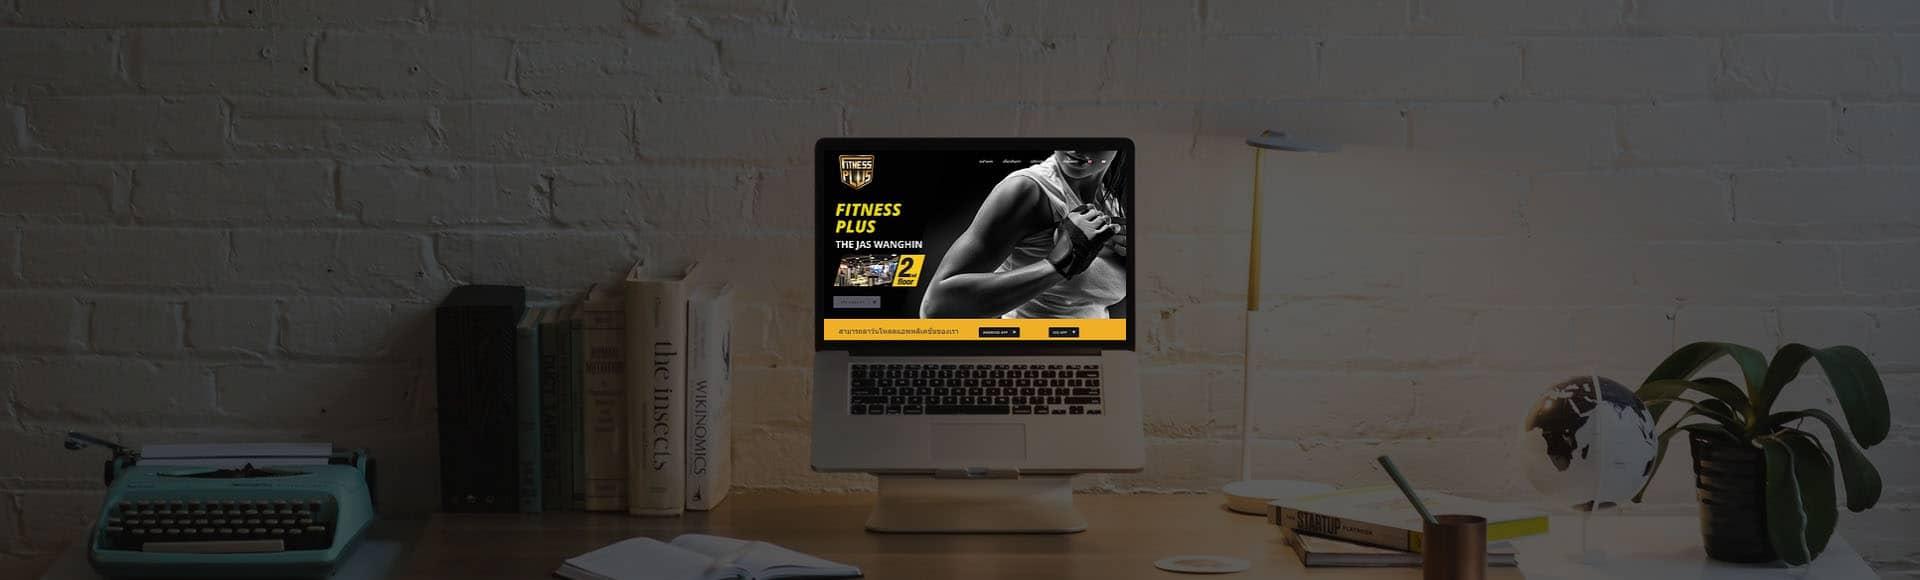 เว็บไซต์บริการฟิตเนส | รับทำเว็บไซต์สำหรับธุรกิจออกกำลังกาย